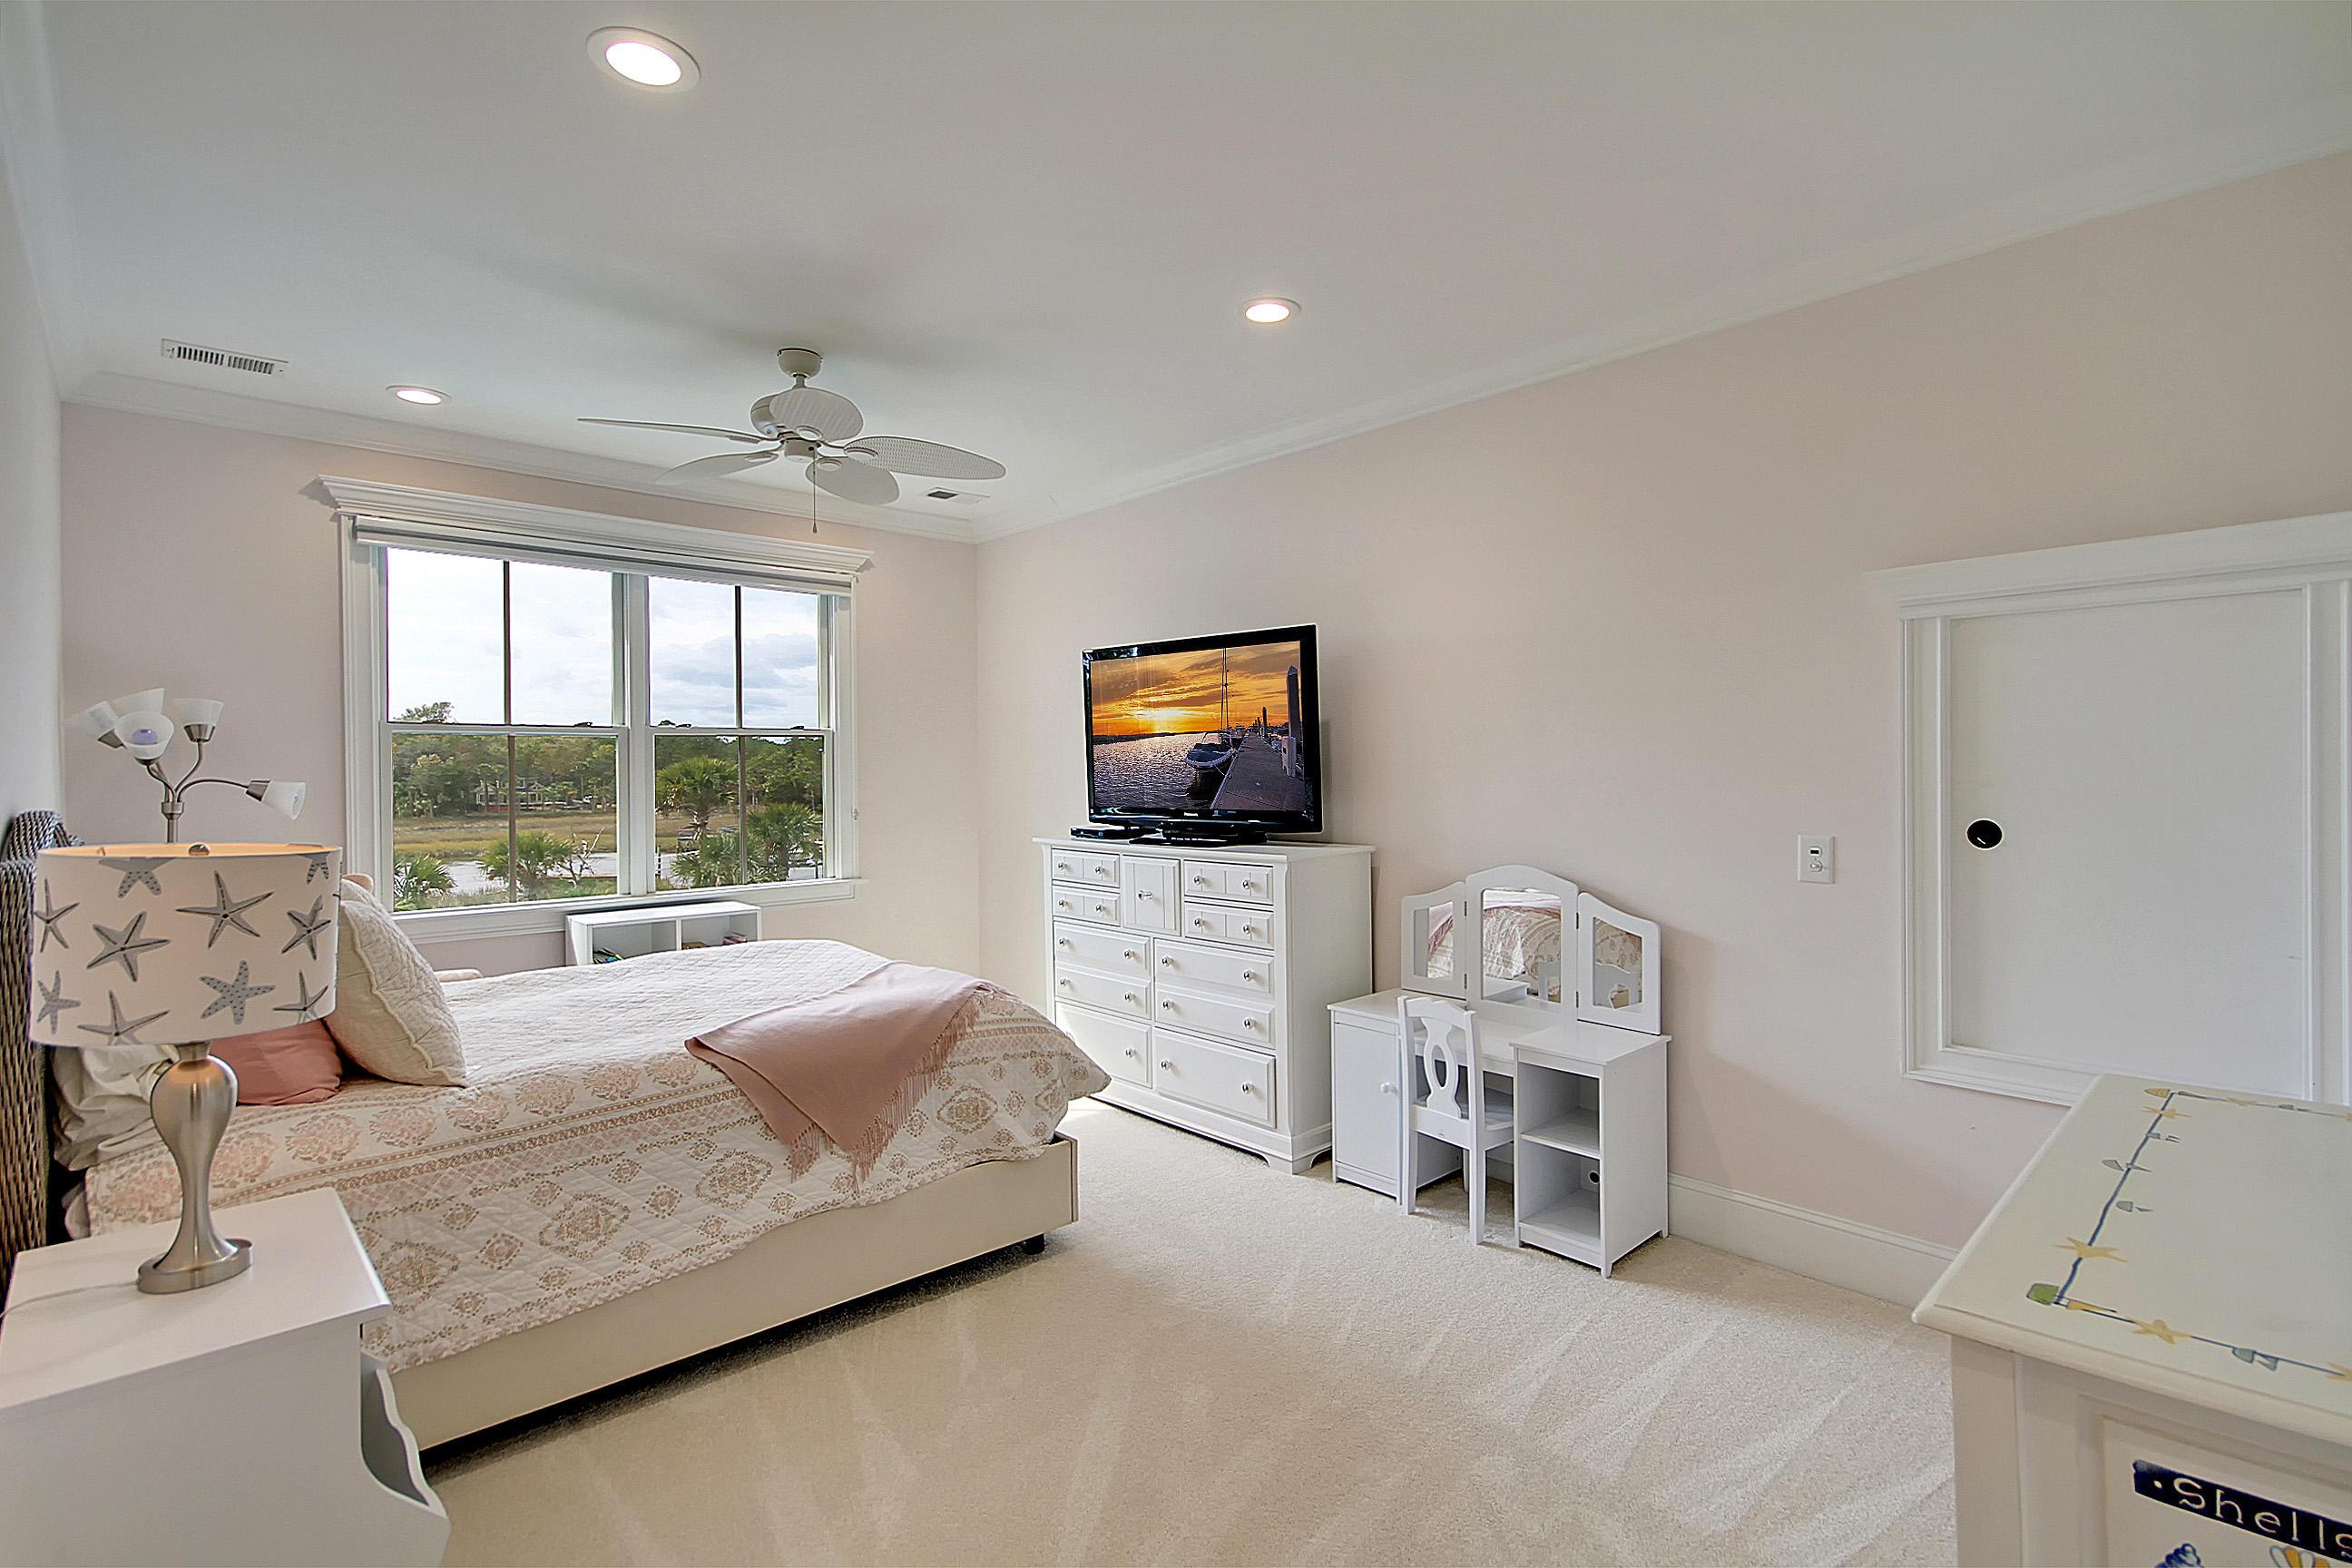 Park West Homes For Sale - 3940 Ashton Shore, Mount Pleasant, SC - 19